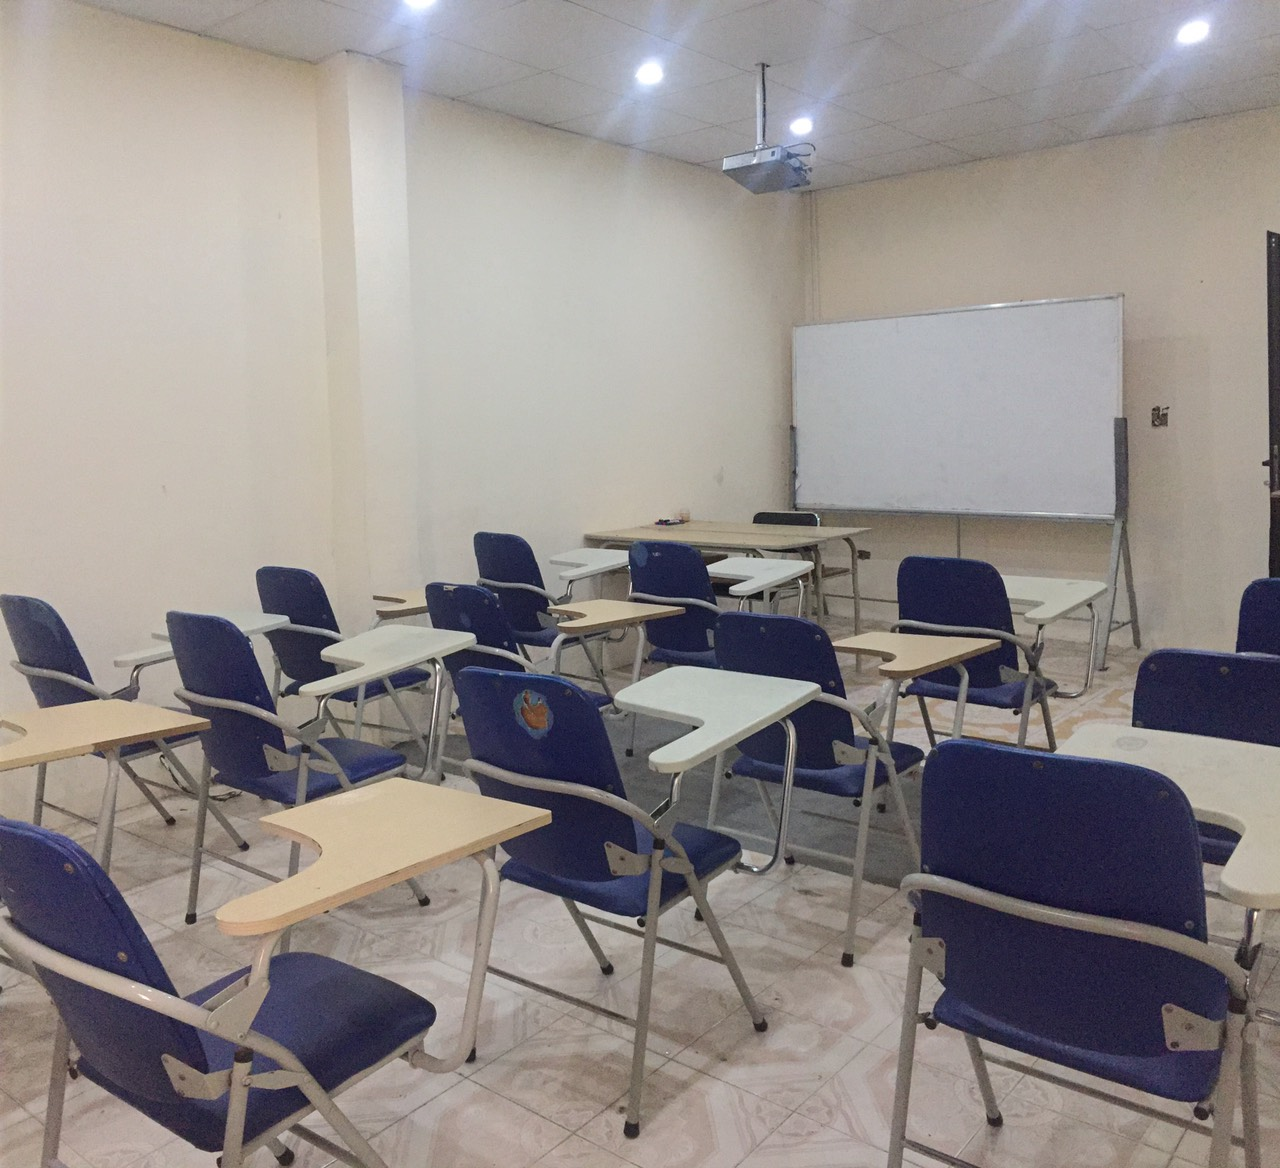 Hình ảnh một phòng học của trường Cao Đẳng Ngoại Ngữ Và Công Nghệ Việt Nam